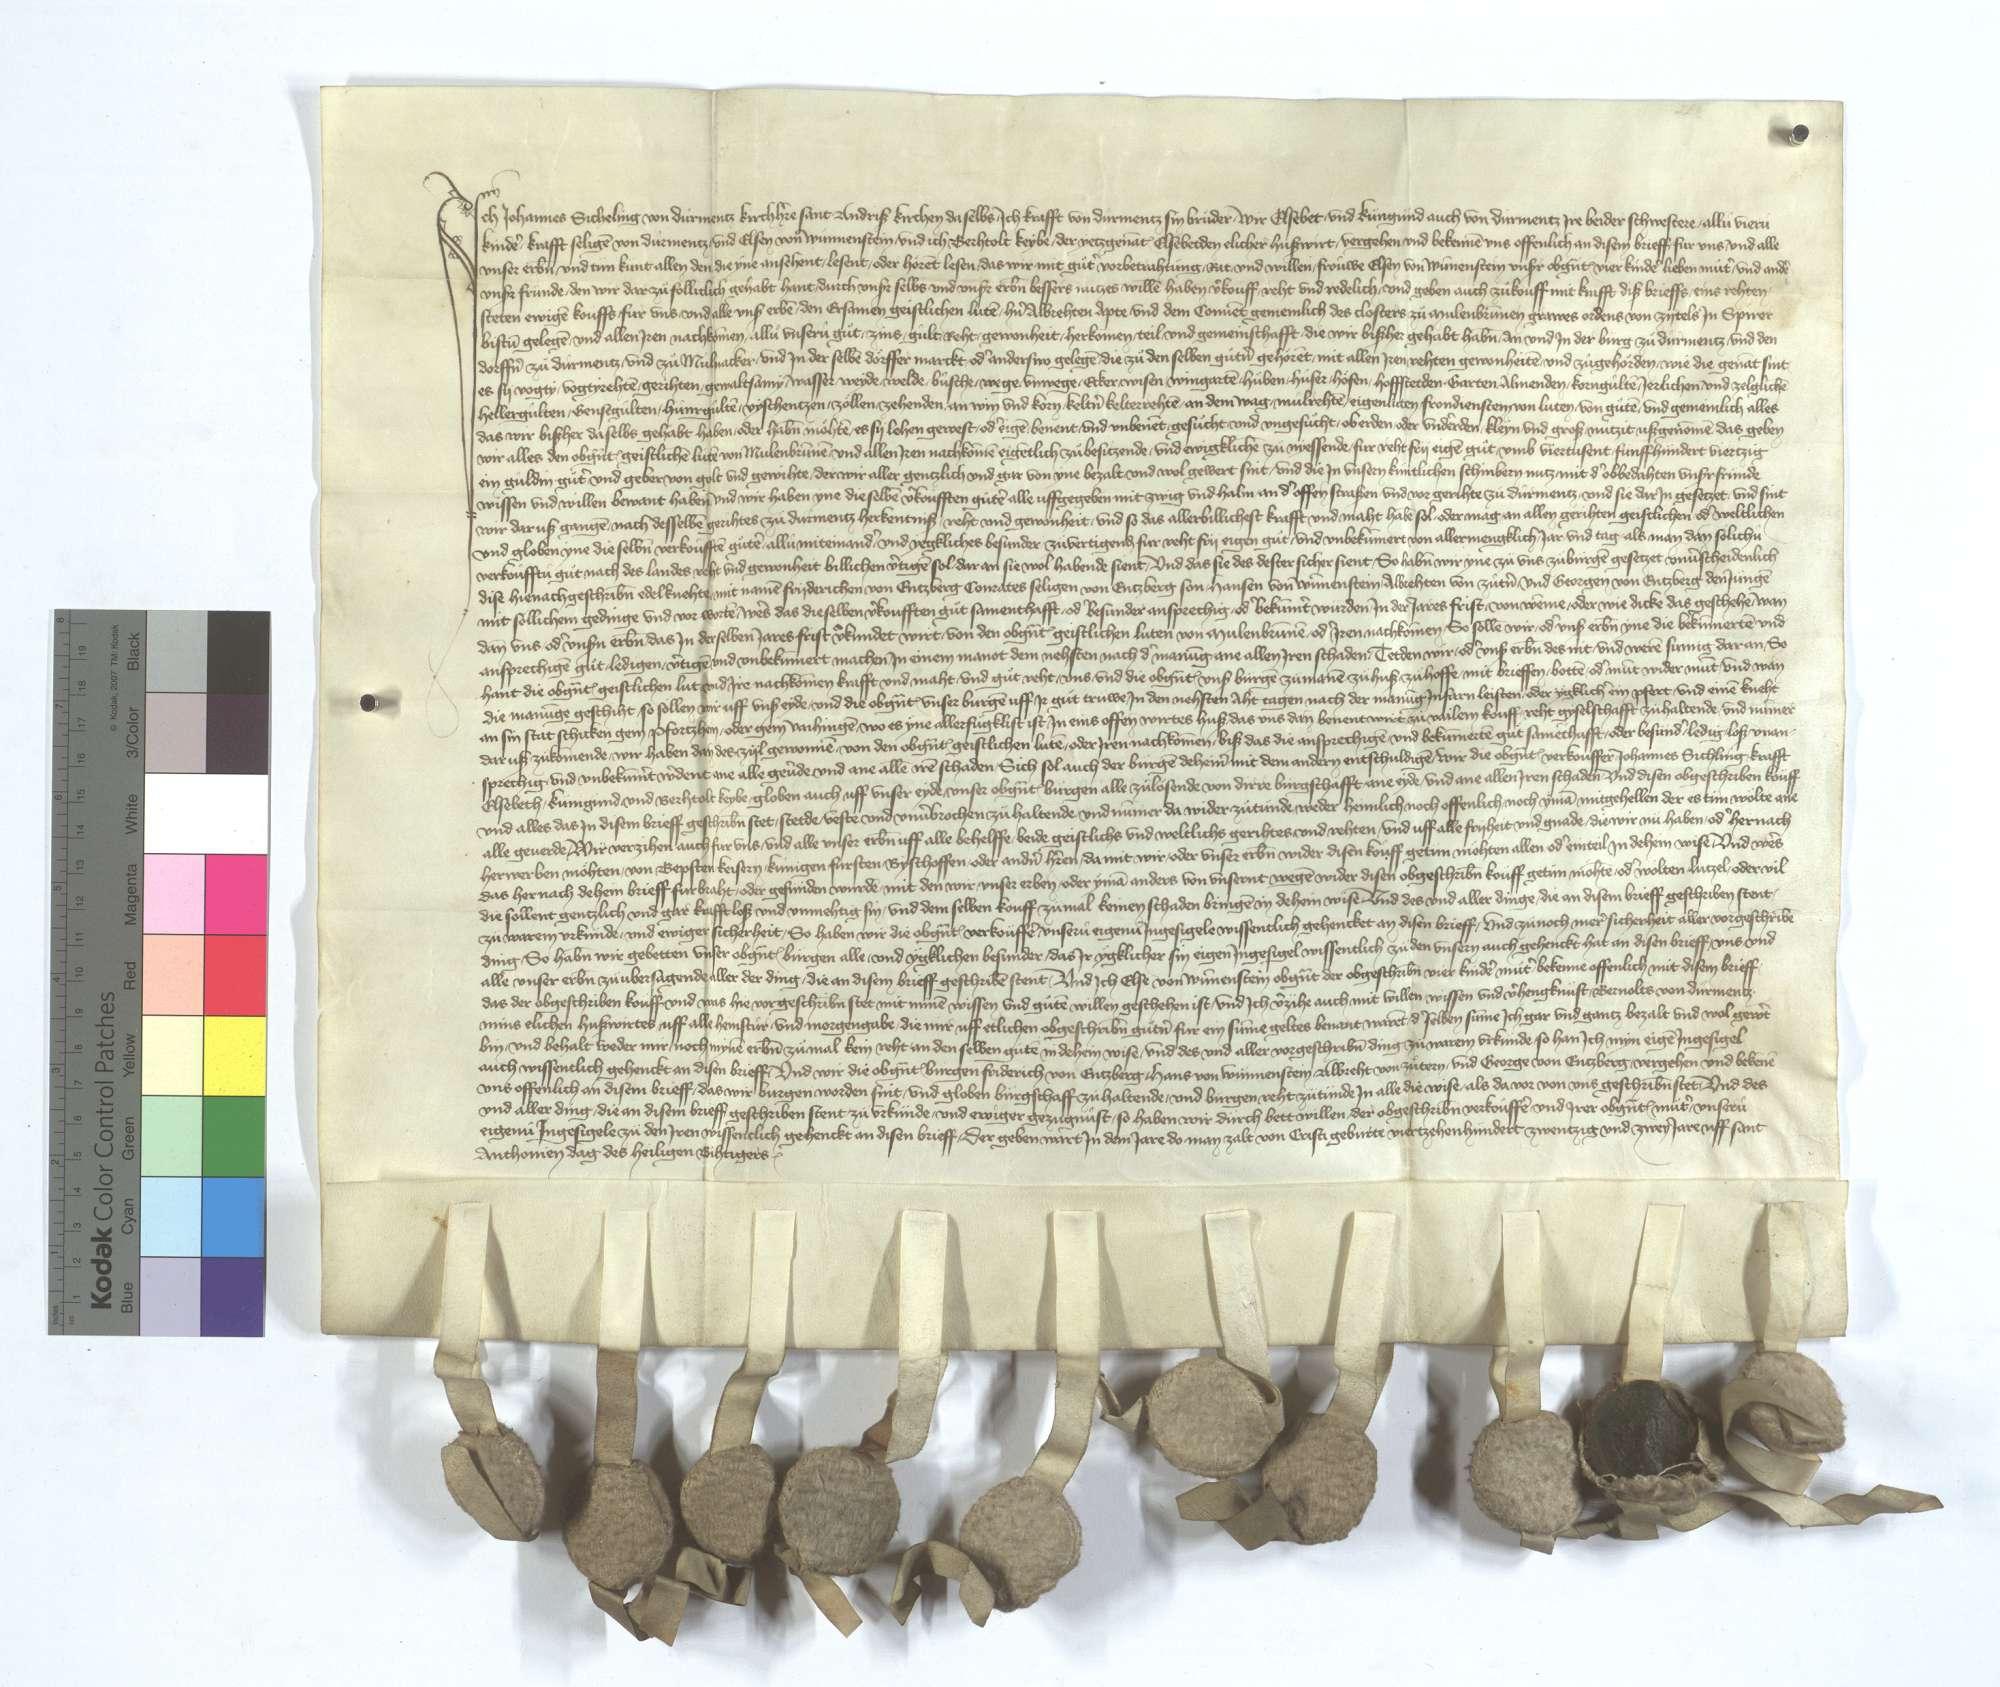 Johann Sicheling von Dürrmenz und seine Geschwister verkaufen dem Kloster Maulbronn all ihr Einkommen und Gerechtsame in Dürrmenz und Mühlacker (Mülacker)., Text